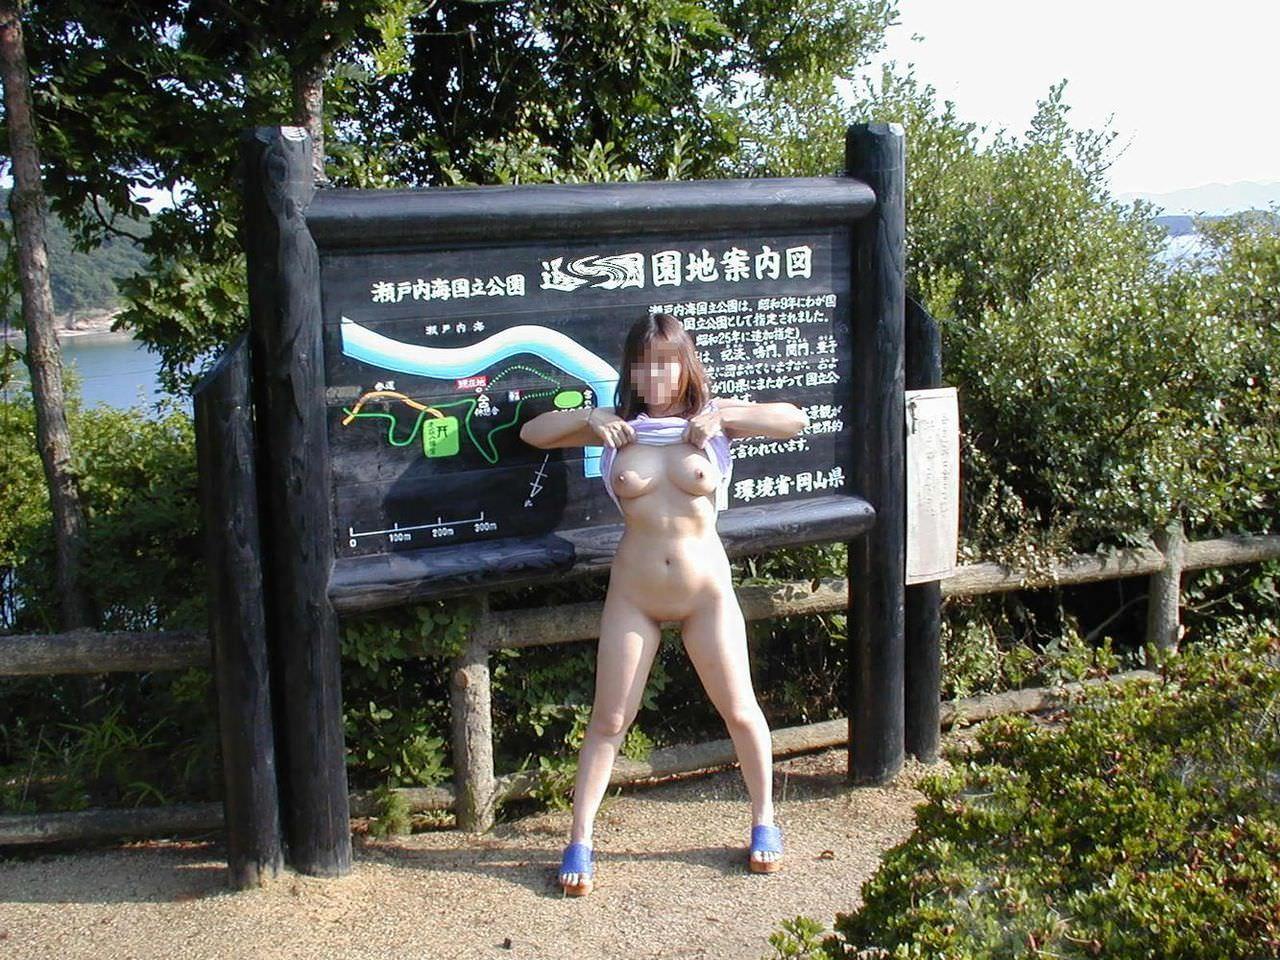 観光スポットでの記念撮影はいつもおっぱい露出してる変態素人女のエロ画像 1279